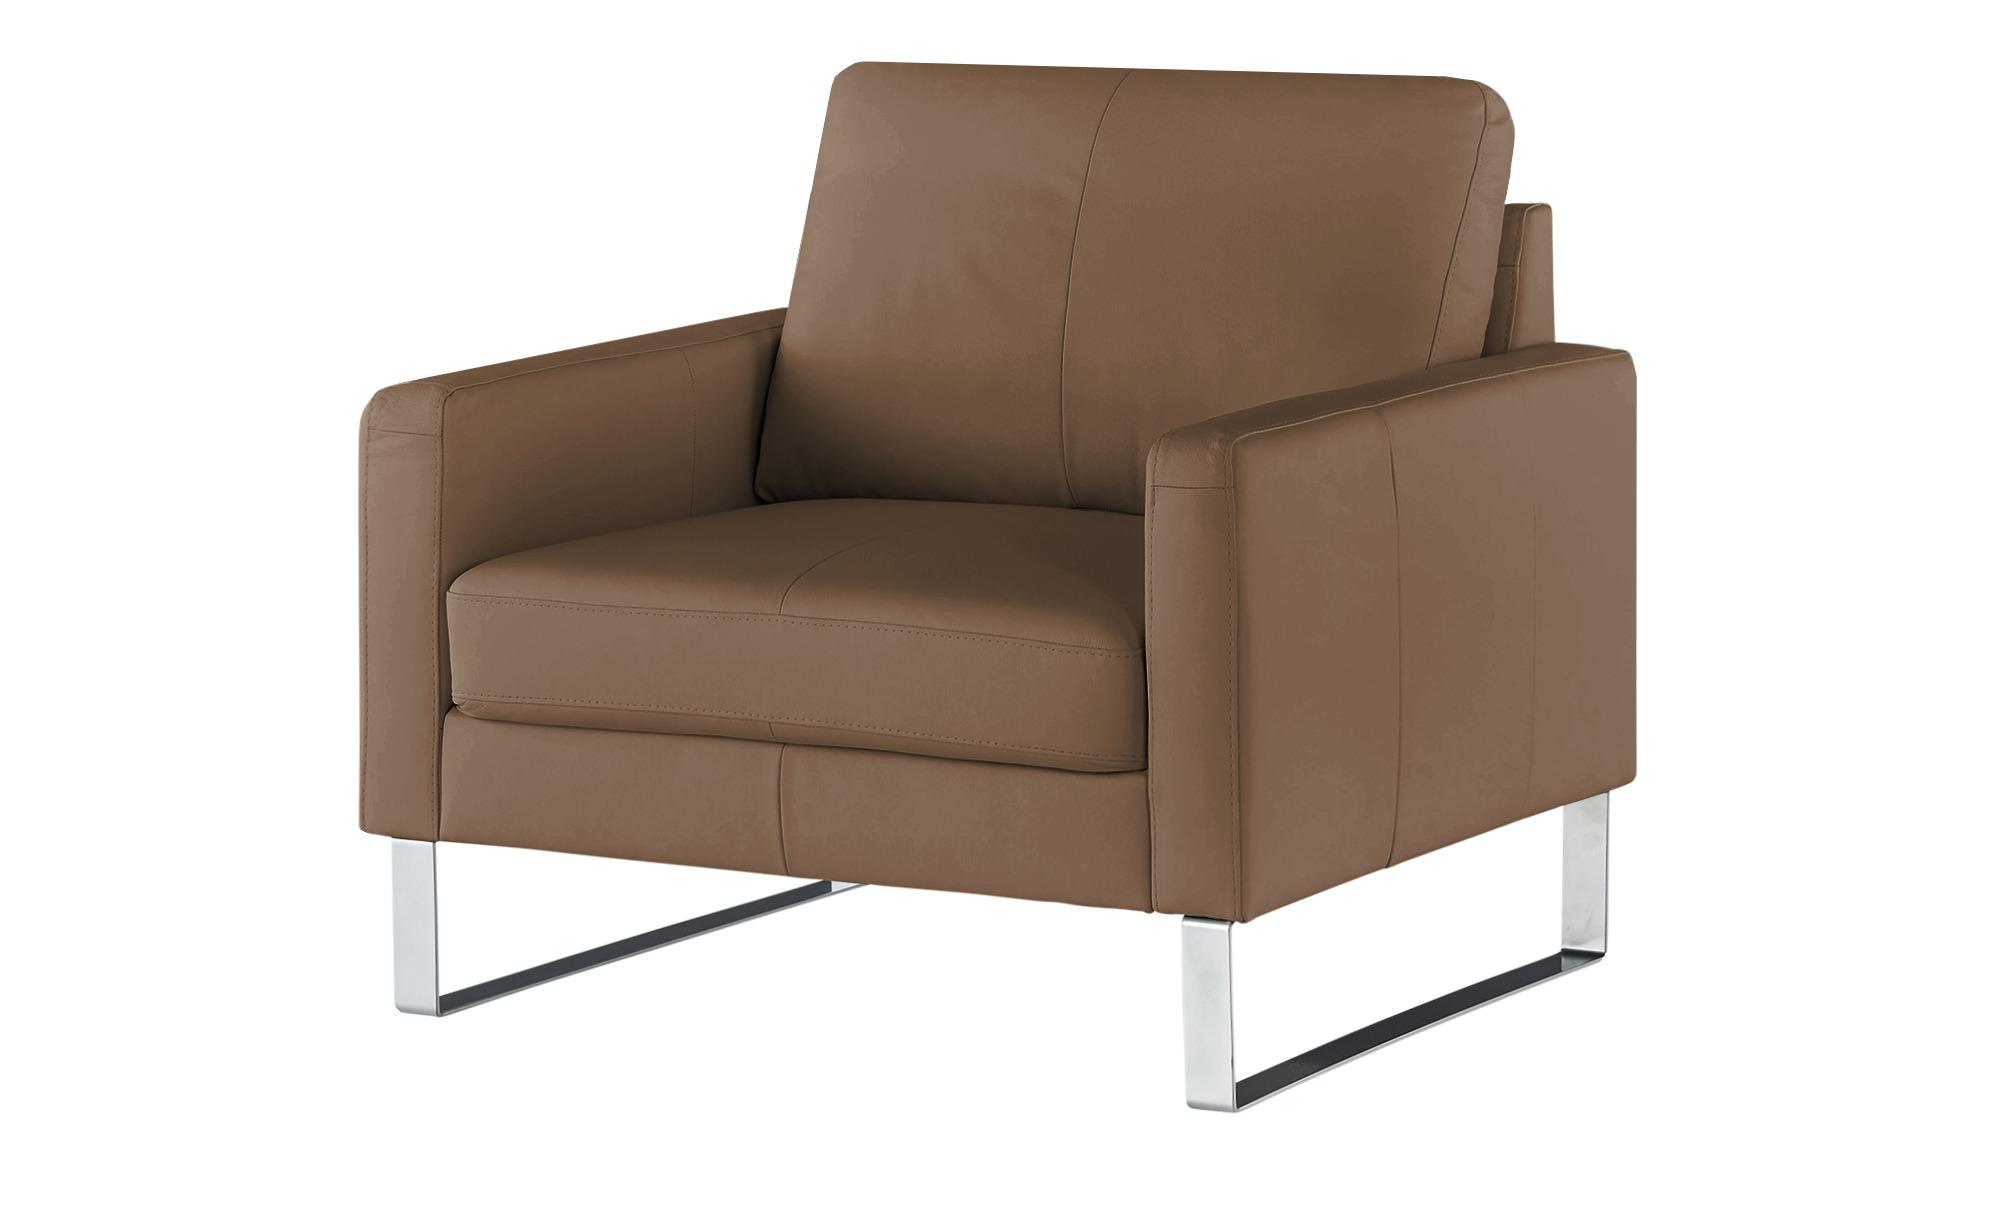 Sessel  Rajaa ¦ braun ¦ Maße (cm): B: 100 H: 90 T: 93 Polstermöbel > Sessel > Ledersessel - Höffner